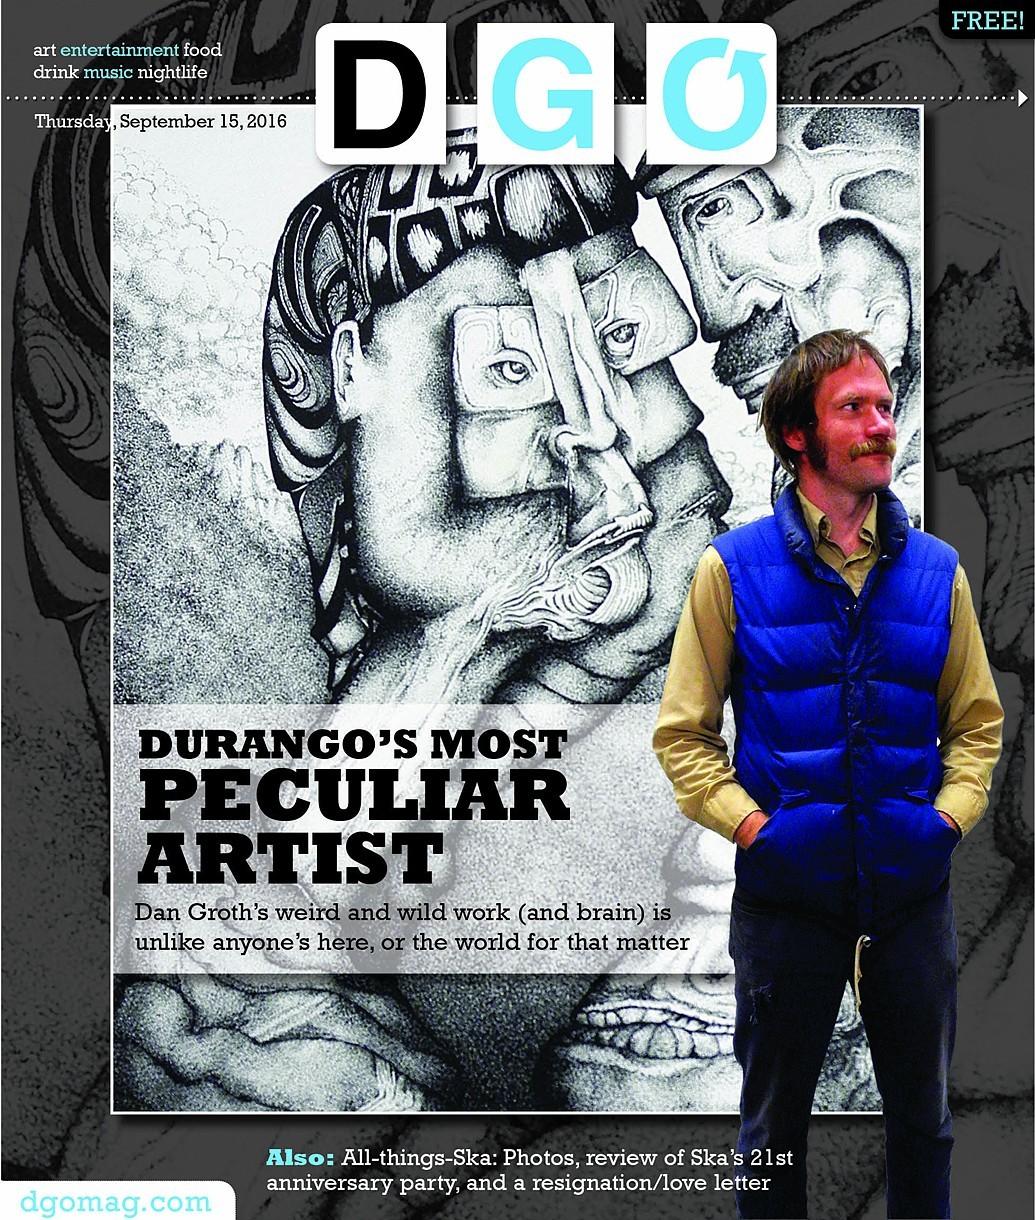 Artist Dan GRoth